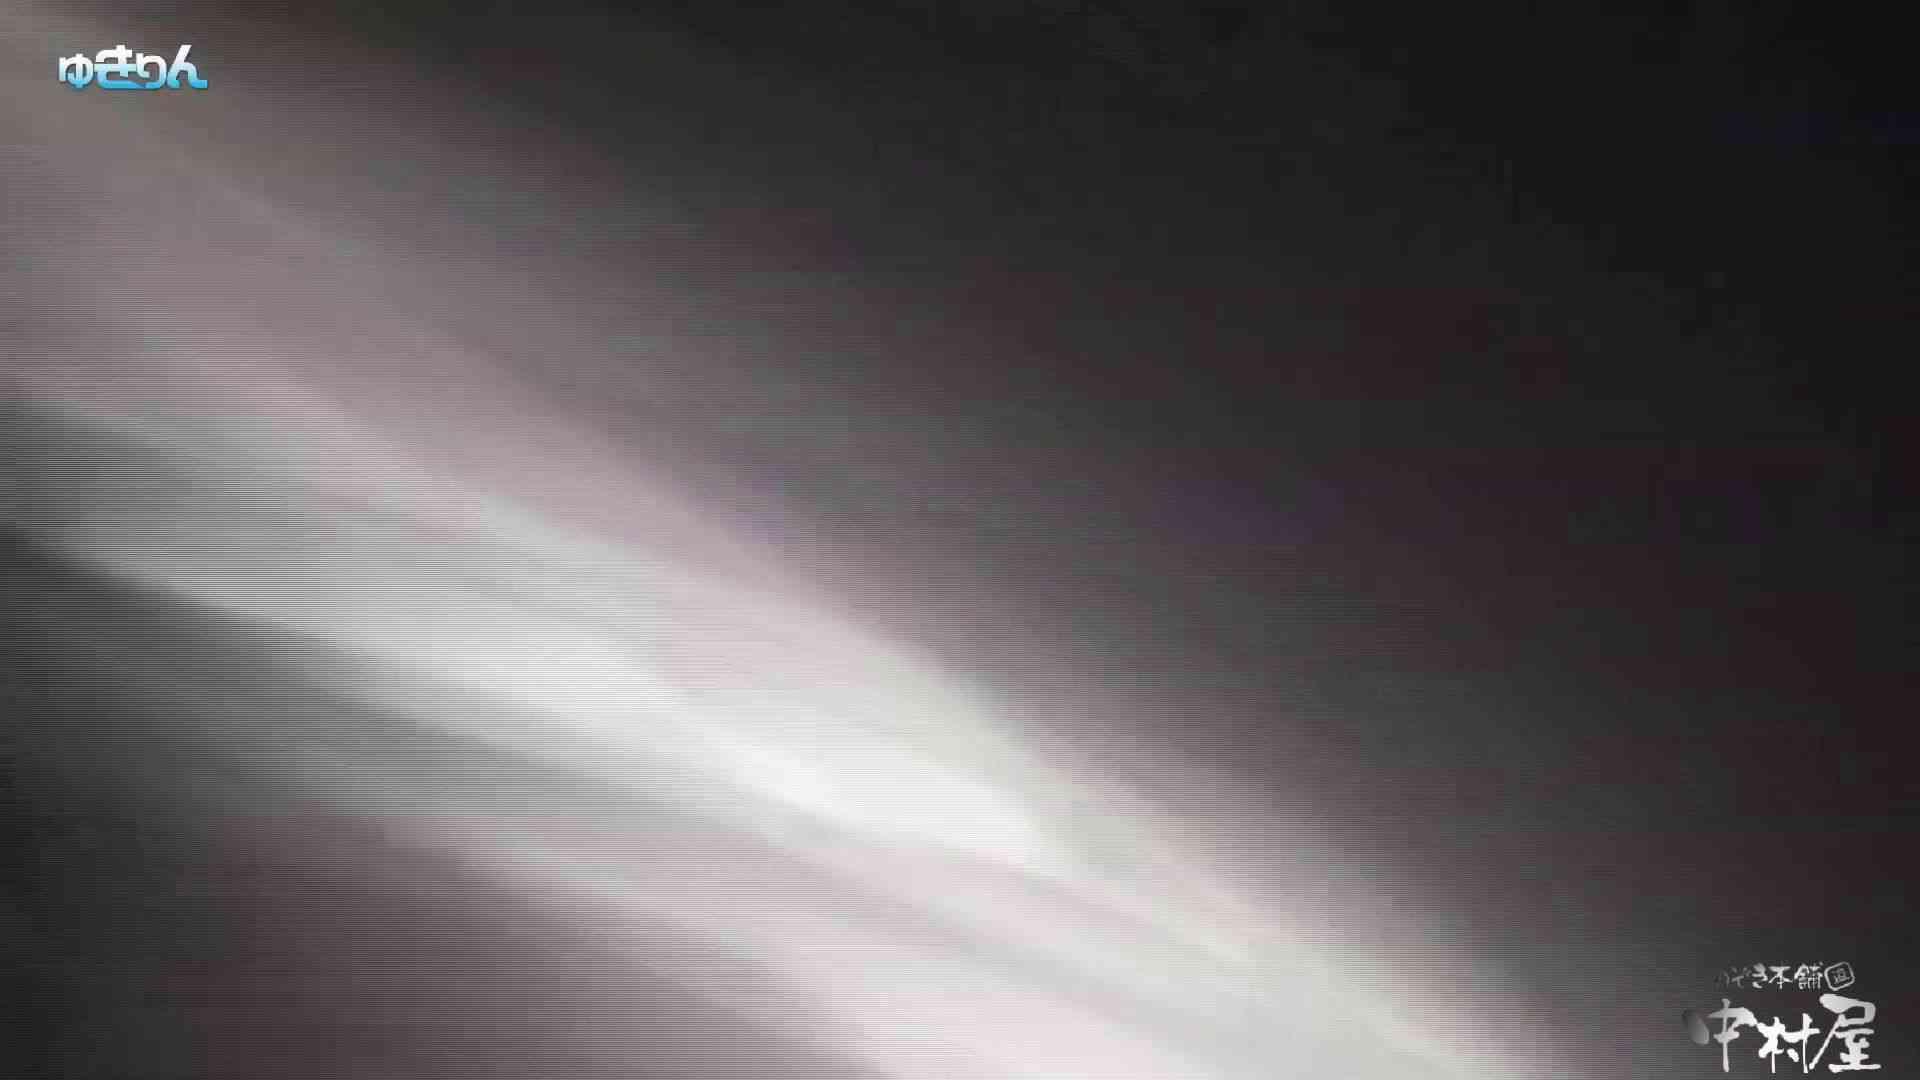 世界の射窓から~ステーション編~ vol56 すごいM字開脚してくれます。前編 OLセックス | 0  69画像 45